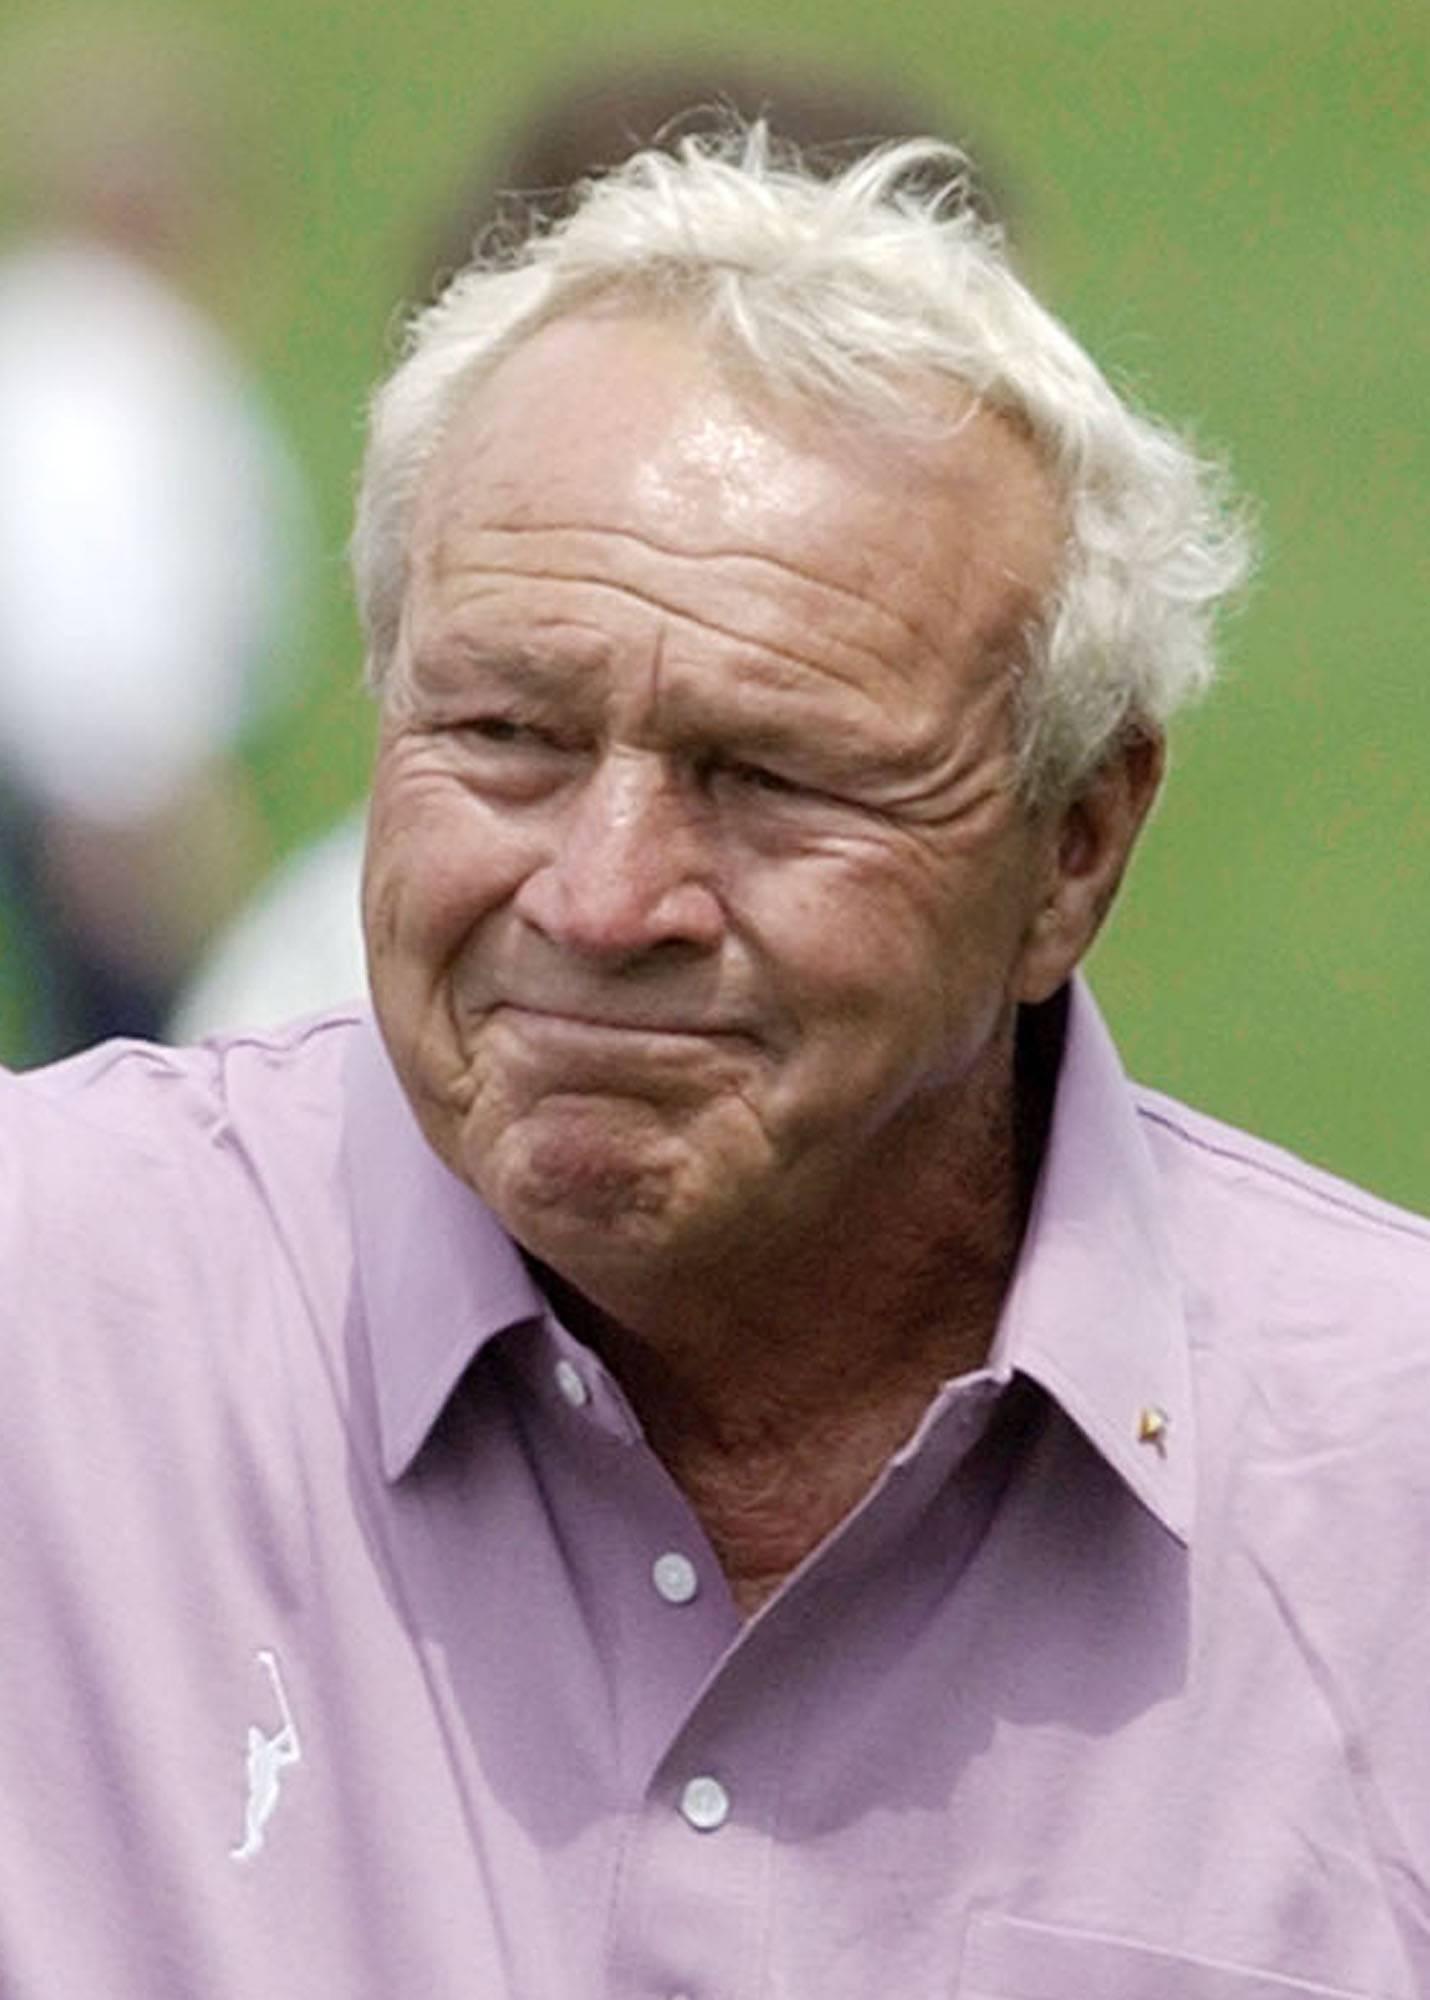 Arnold Palmer, 'King' of the PGA tour, dies at 87